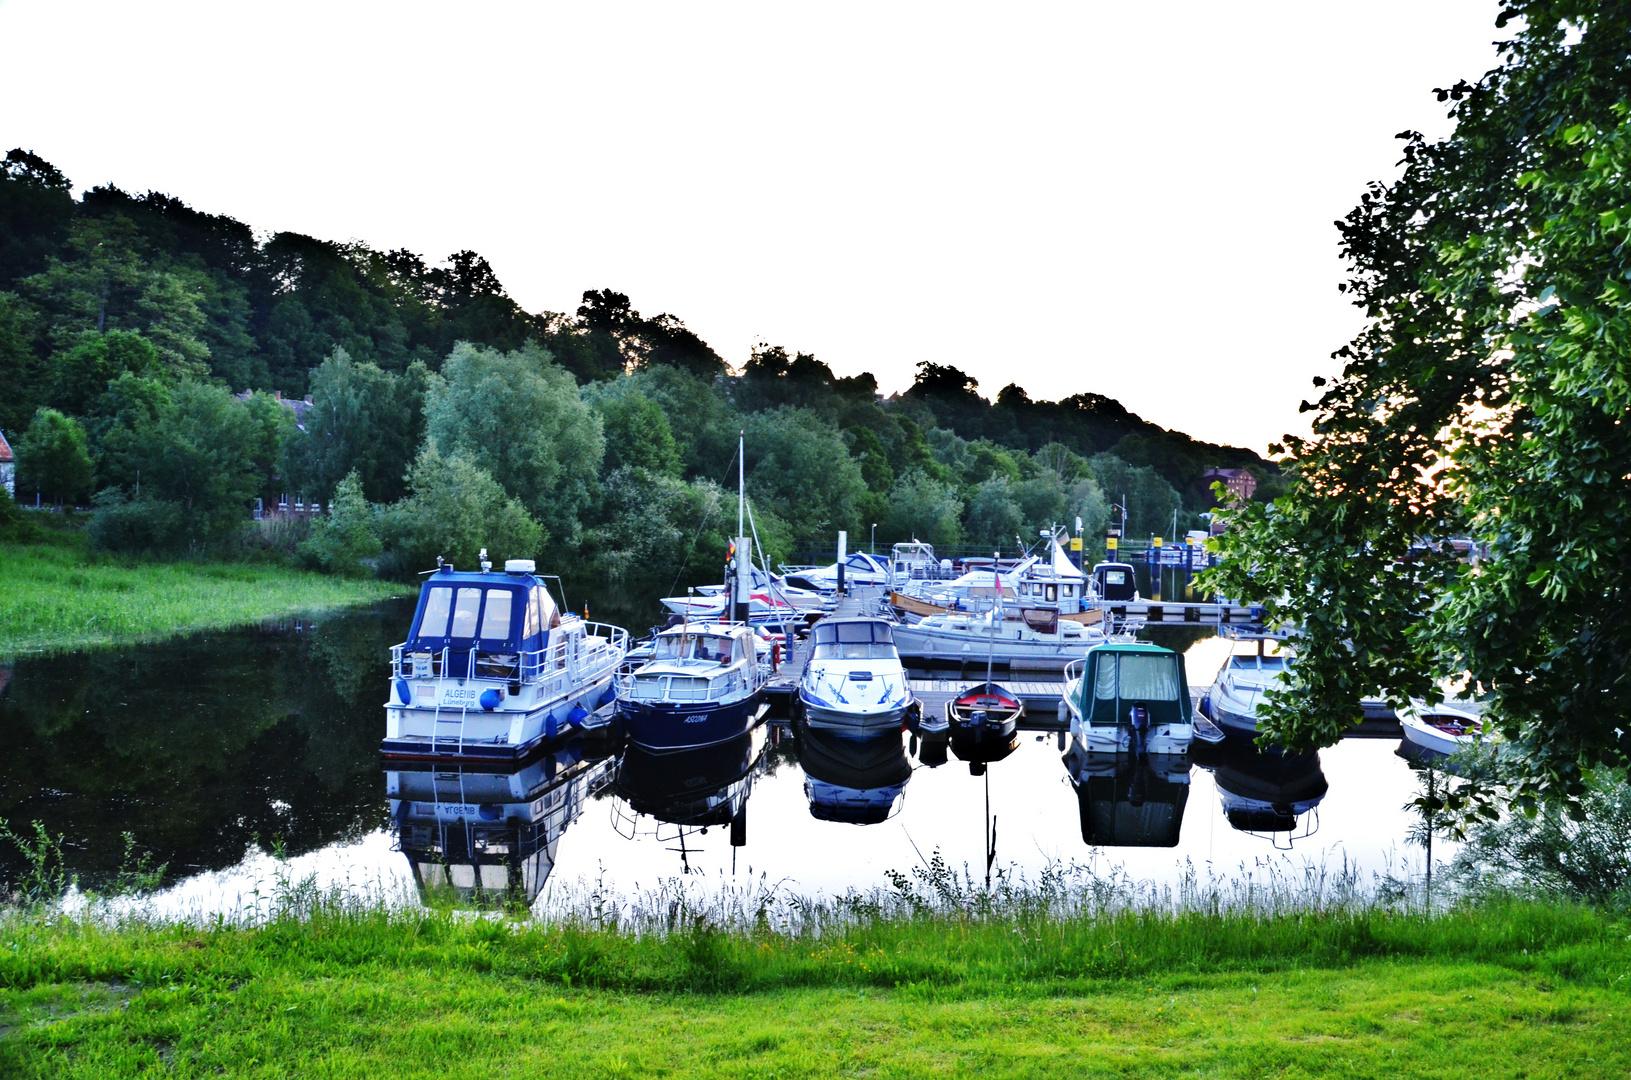 Alle Boote in Lauenburg gesichert